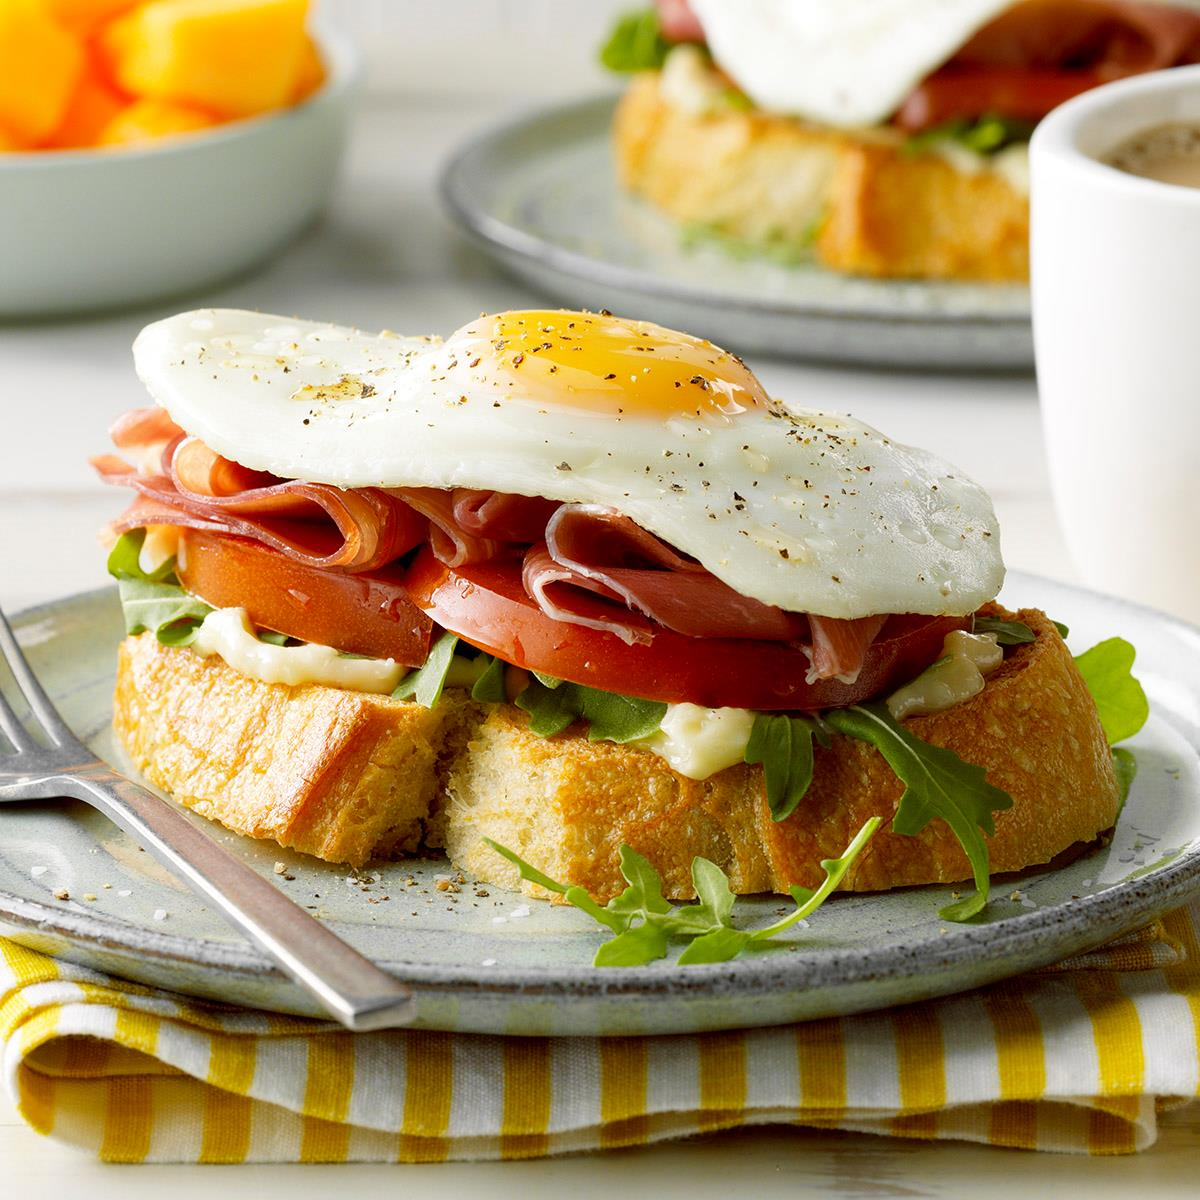 Receta de jamón abierto y sándwich de huevo